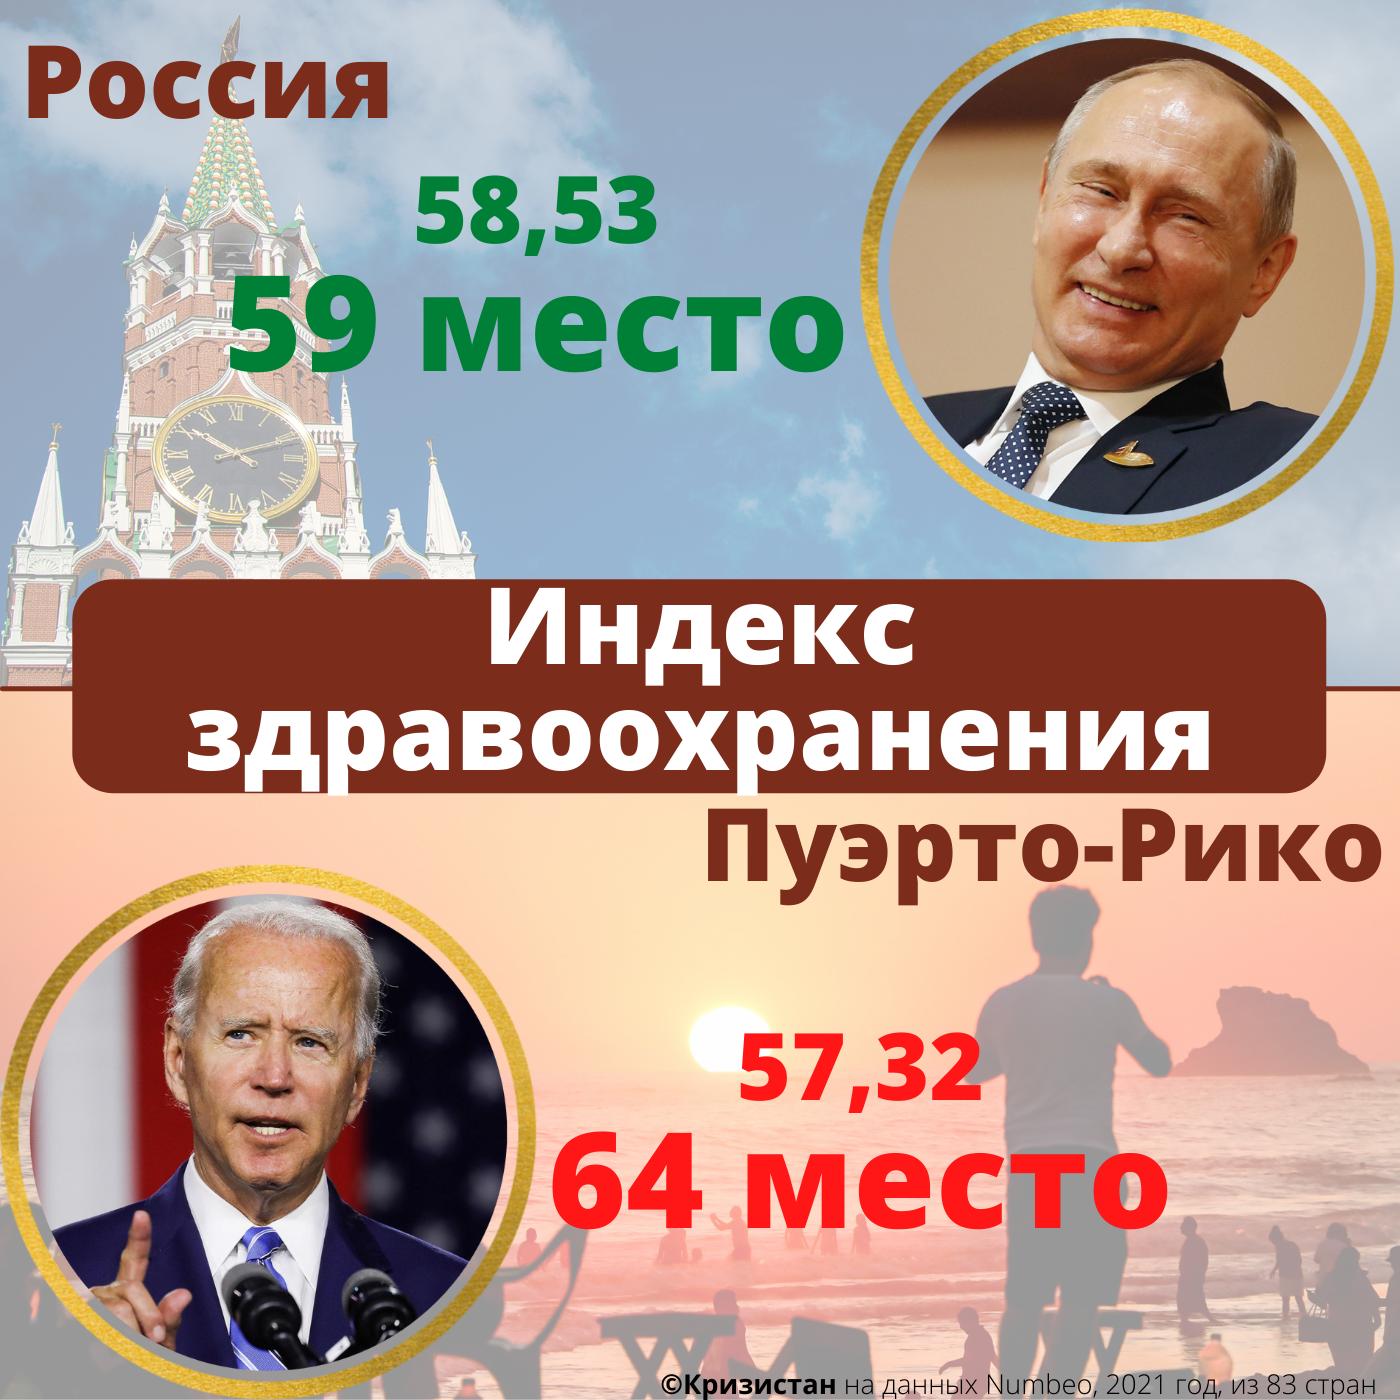 Уровень здравоохранения в России и Пуэрто-Рико